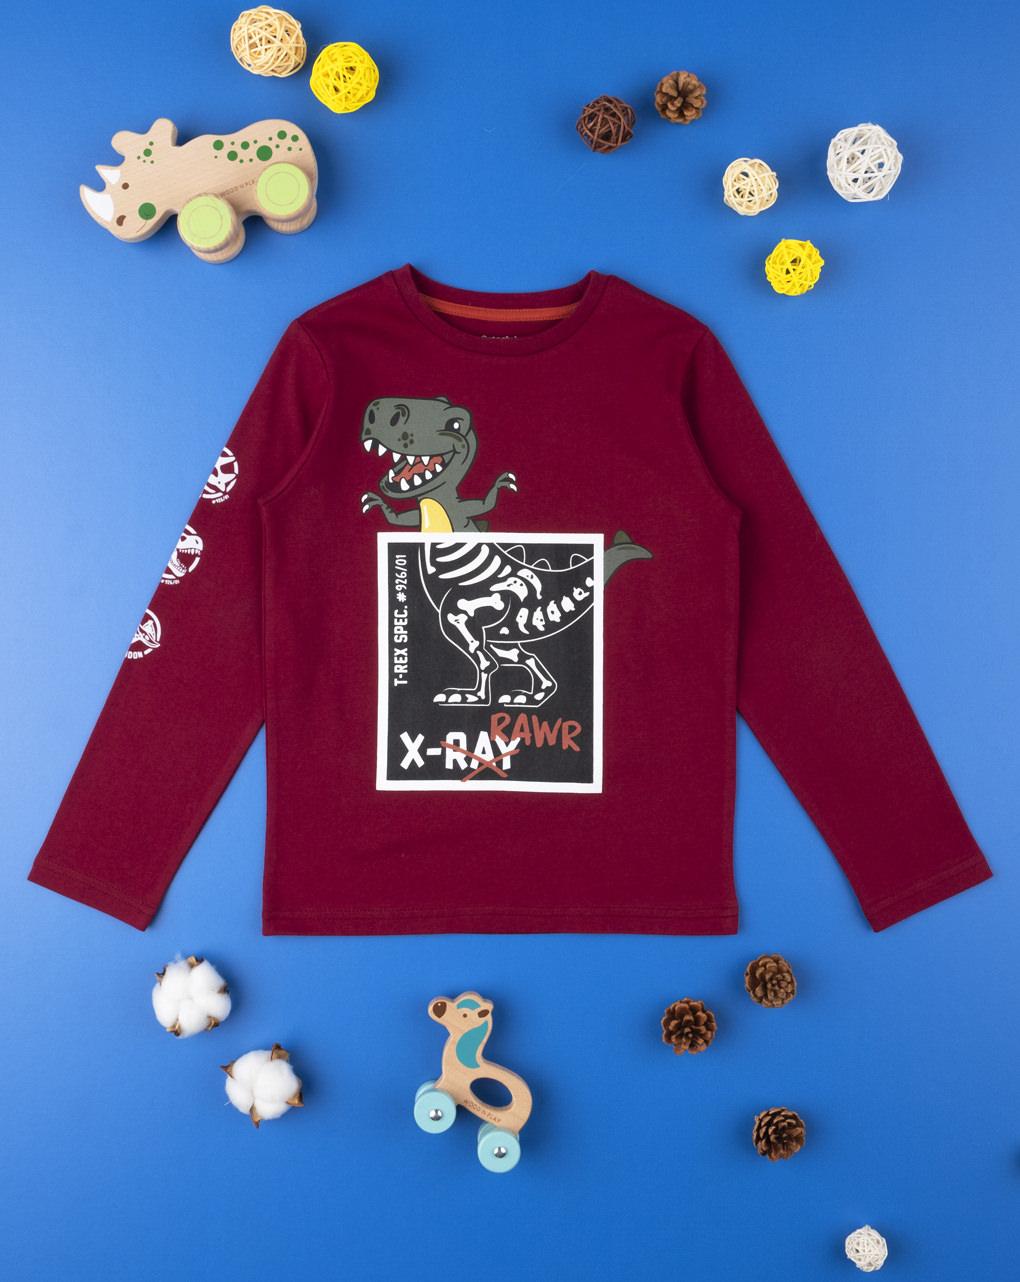 Μπλουζάκι Μακρυμάνικο με Δεινόσαυρο Μπορντό για Αγόρι